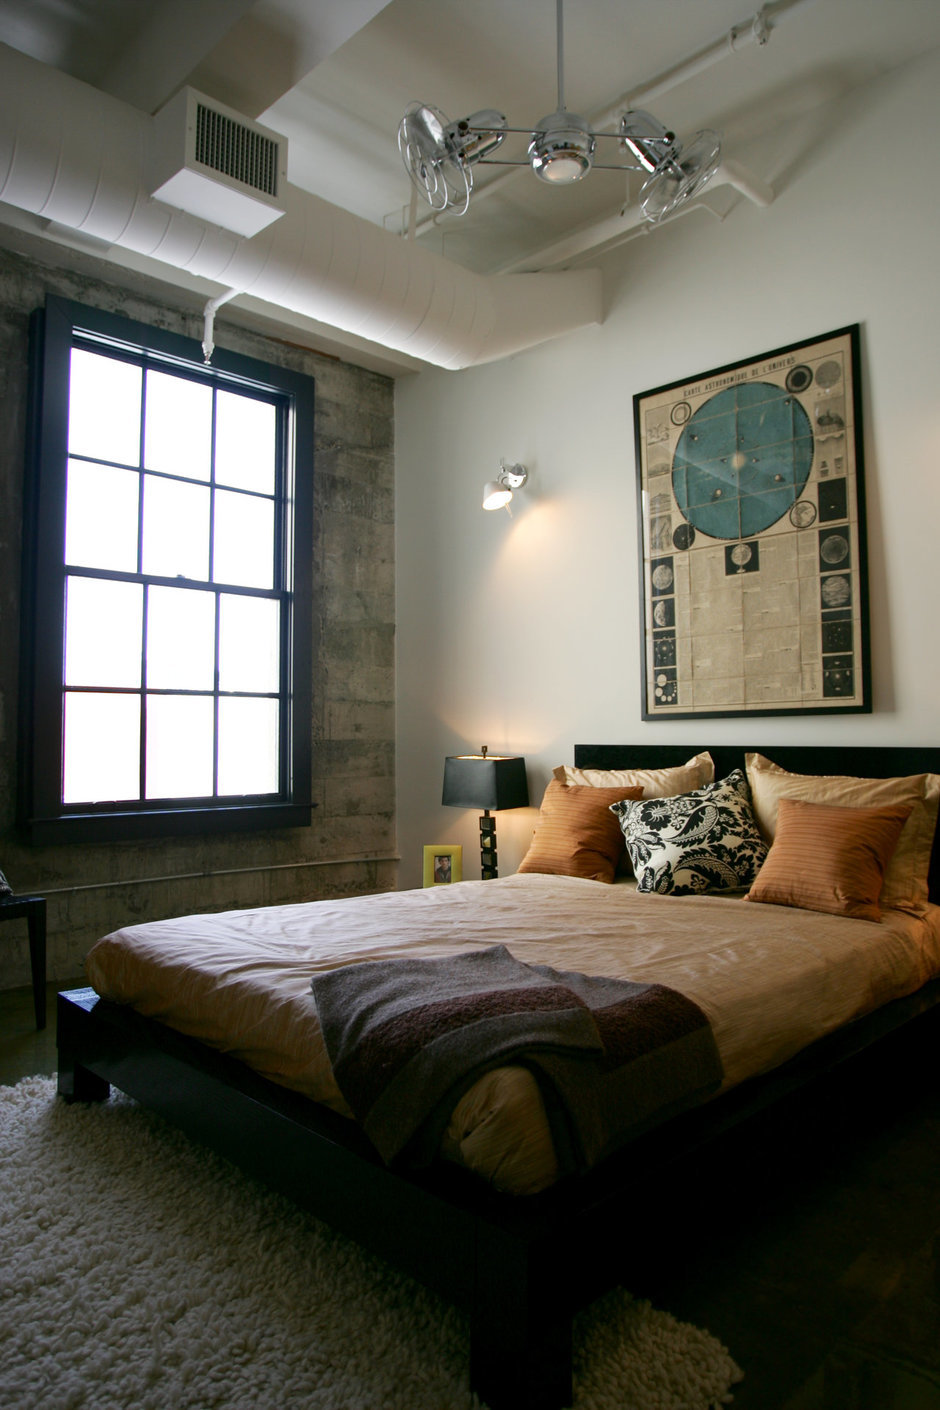 Фотография: Спальня в стиле Лофт, Современный, Декор интерьера, Квартира, Дома и квартиры, Стена, Индустриальный – фото на InMyRoom.ru